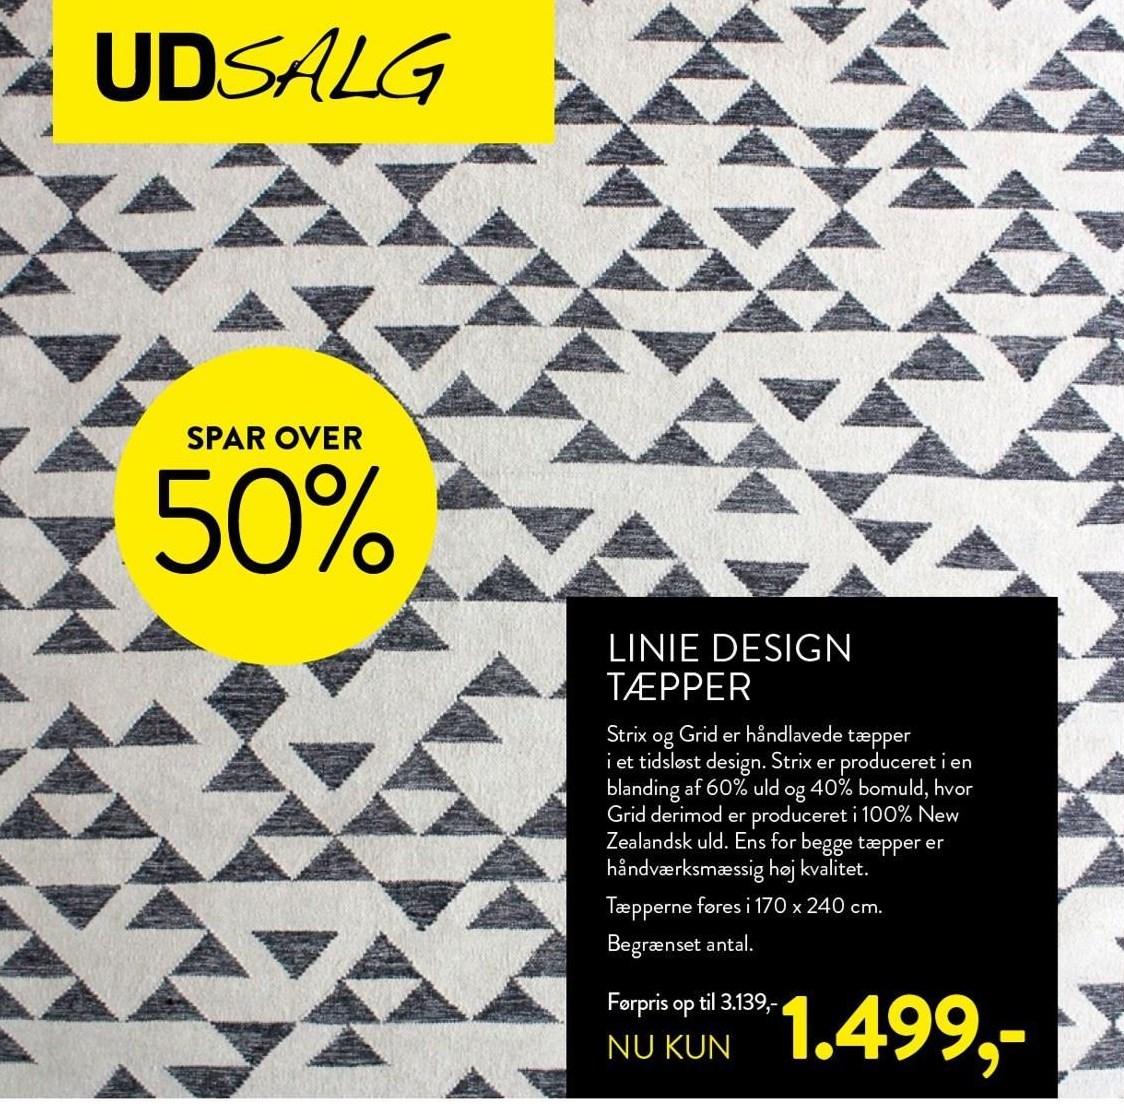 Linie design tæpper